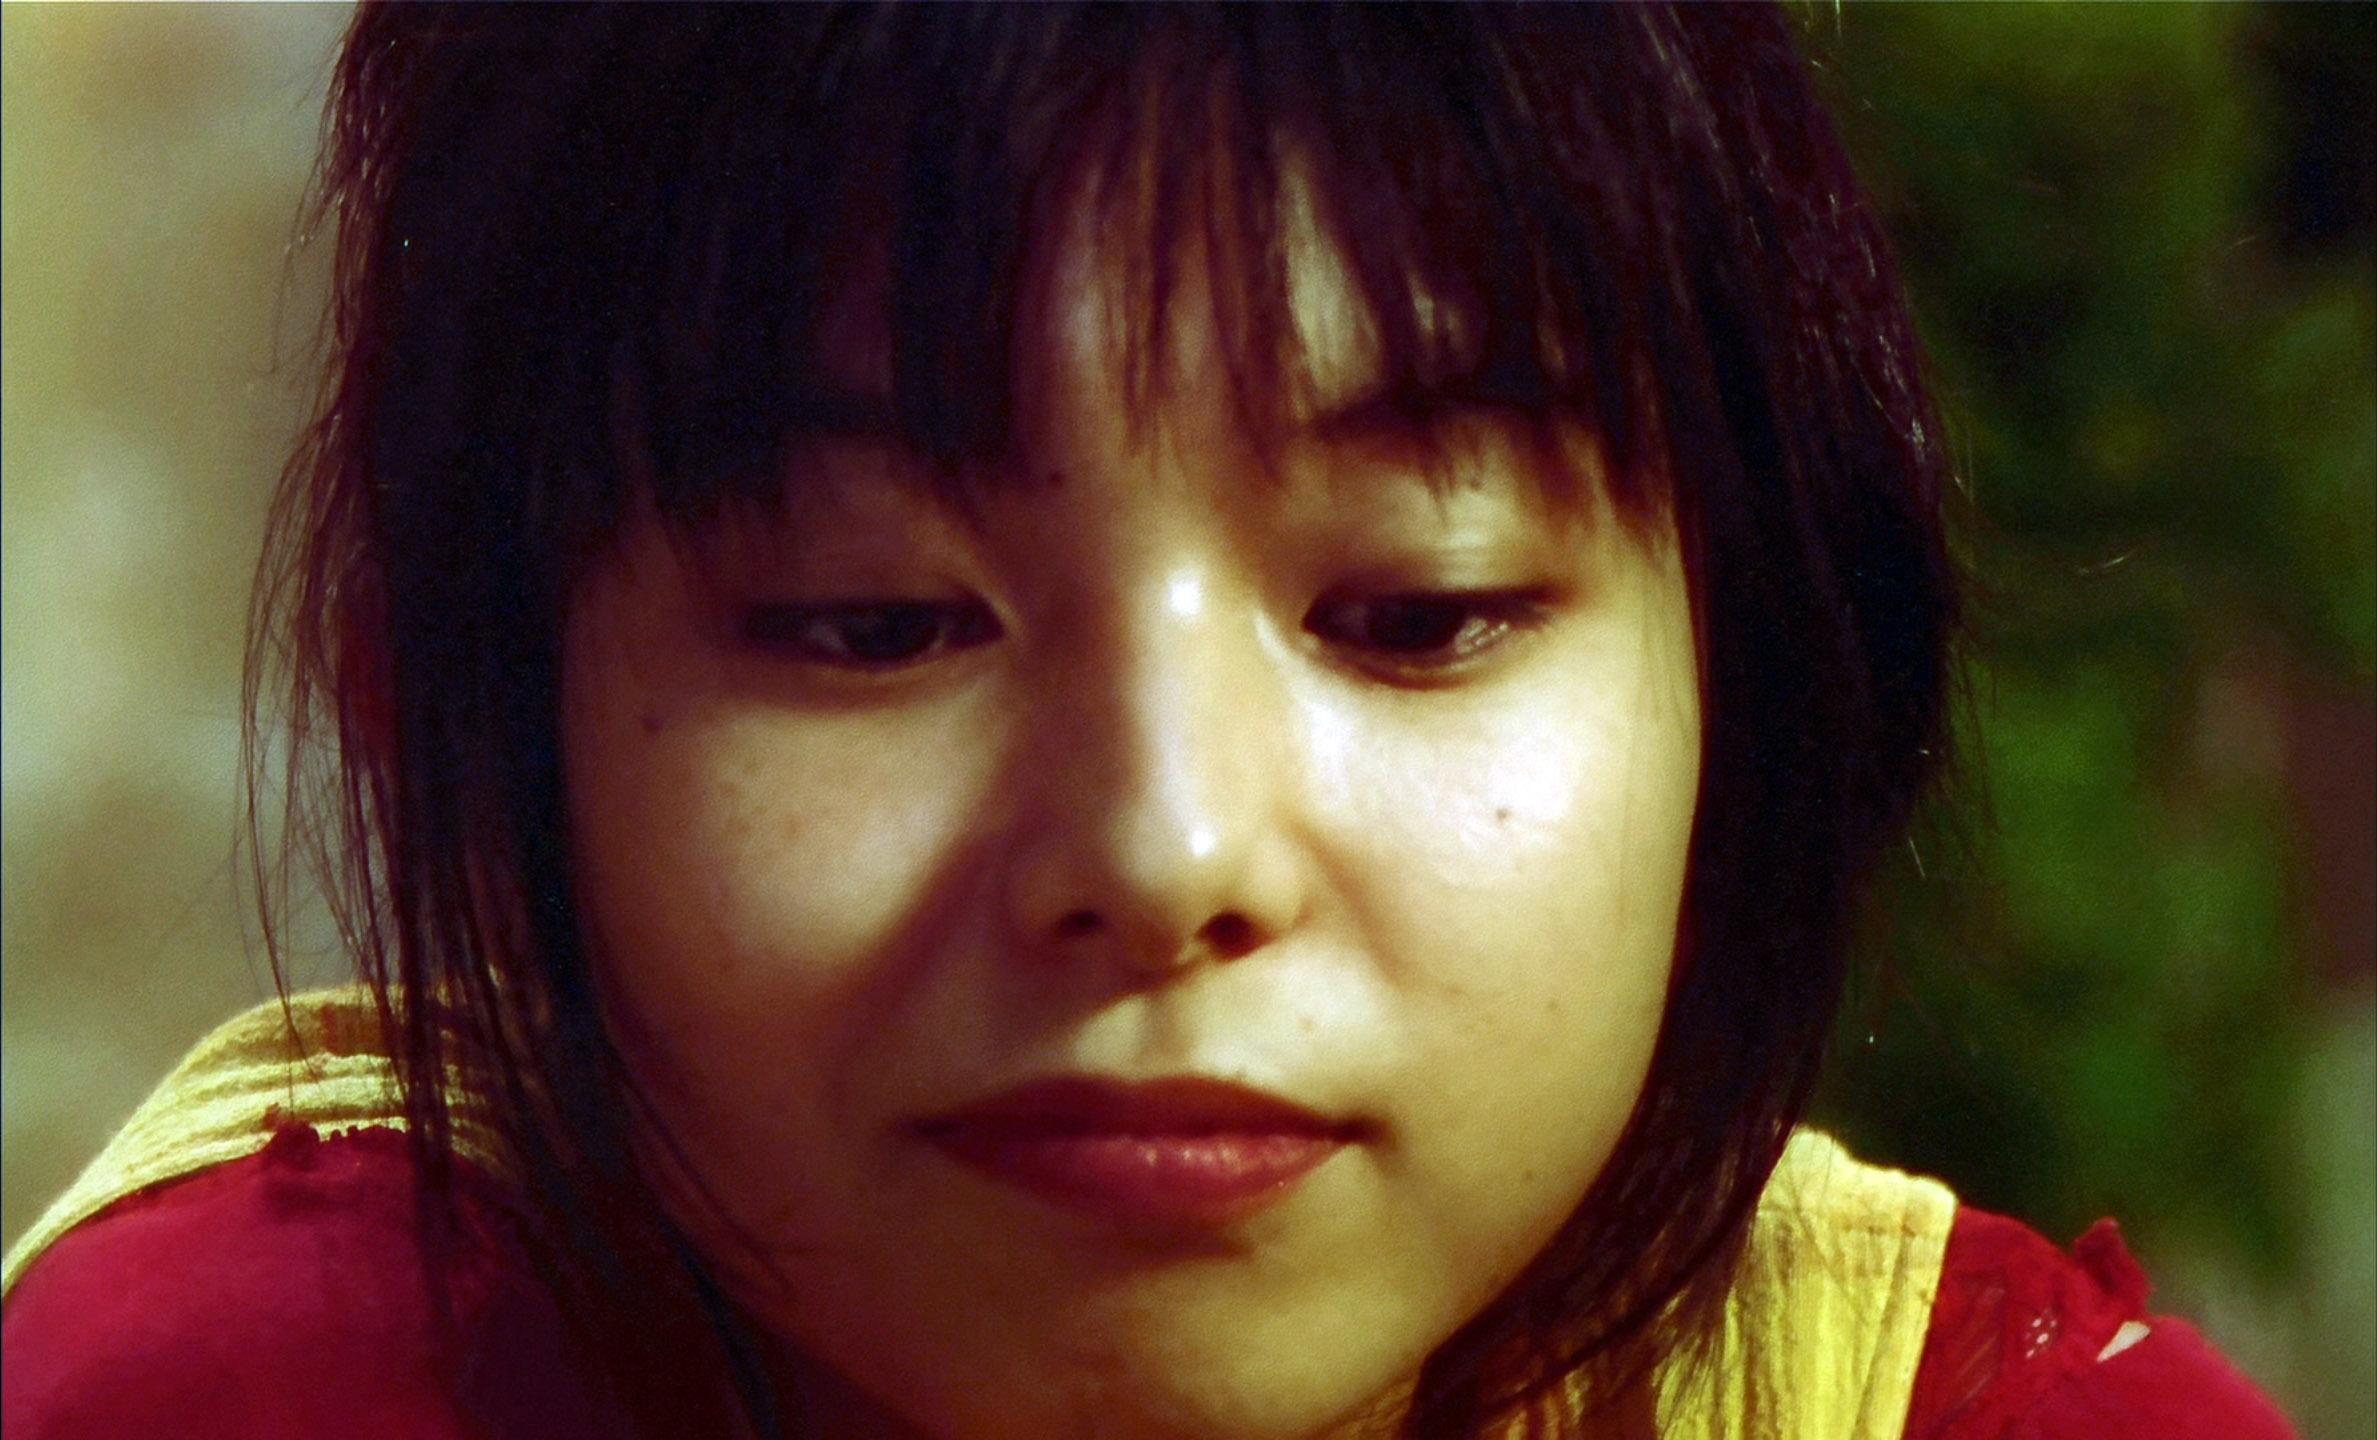 Tomoko Yamaguchi Tomoko Yamaguchi new pictures